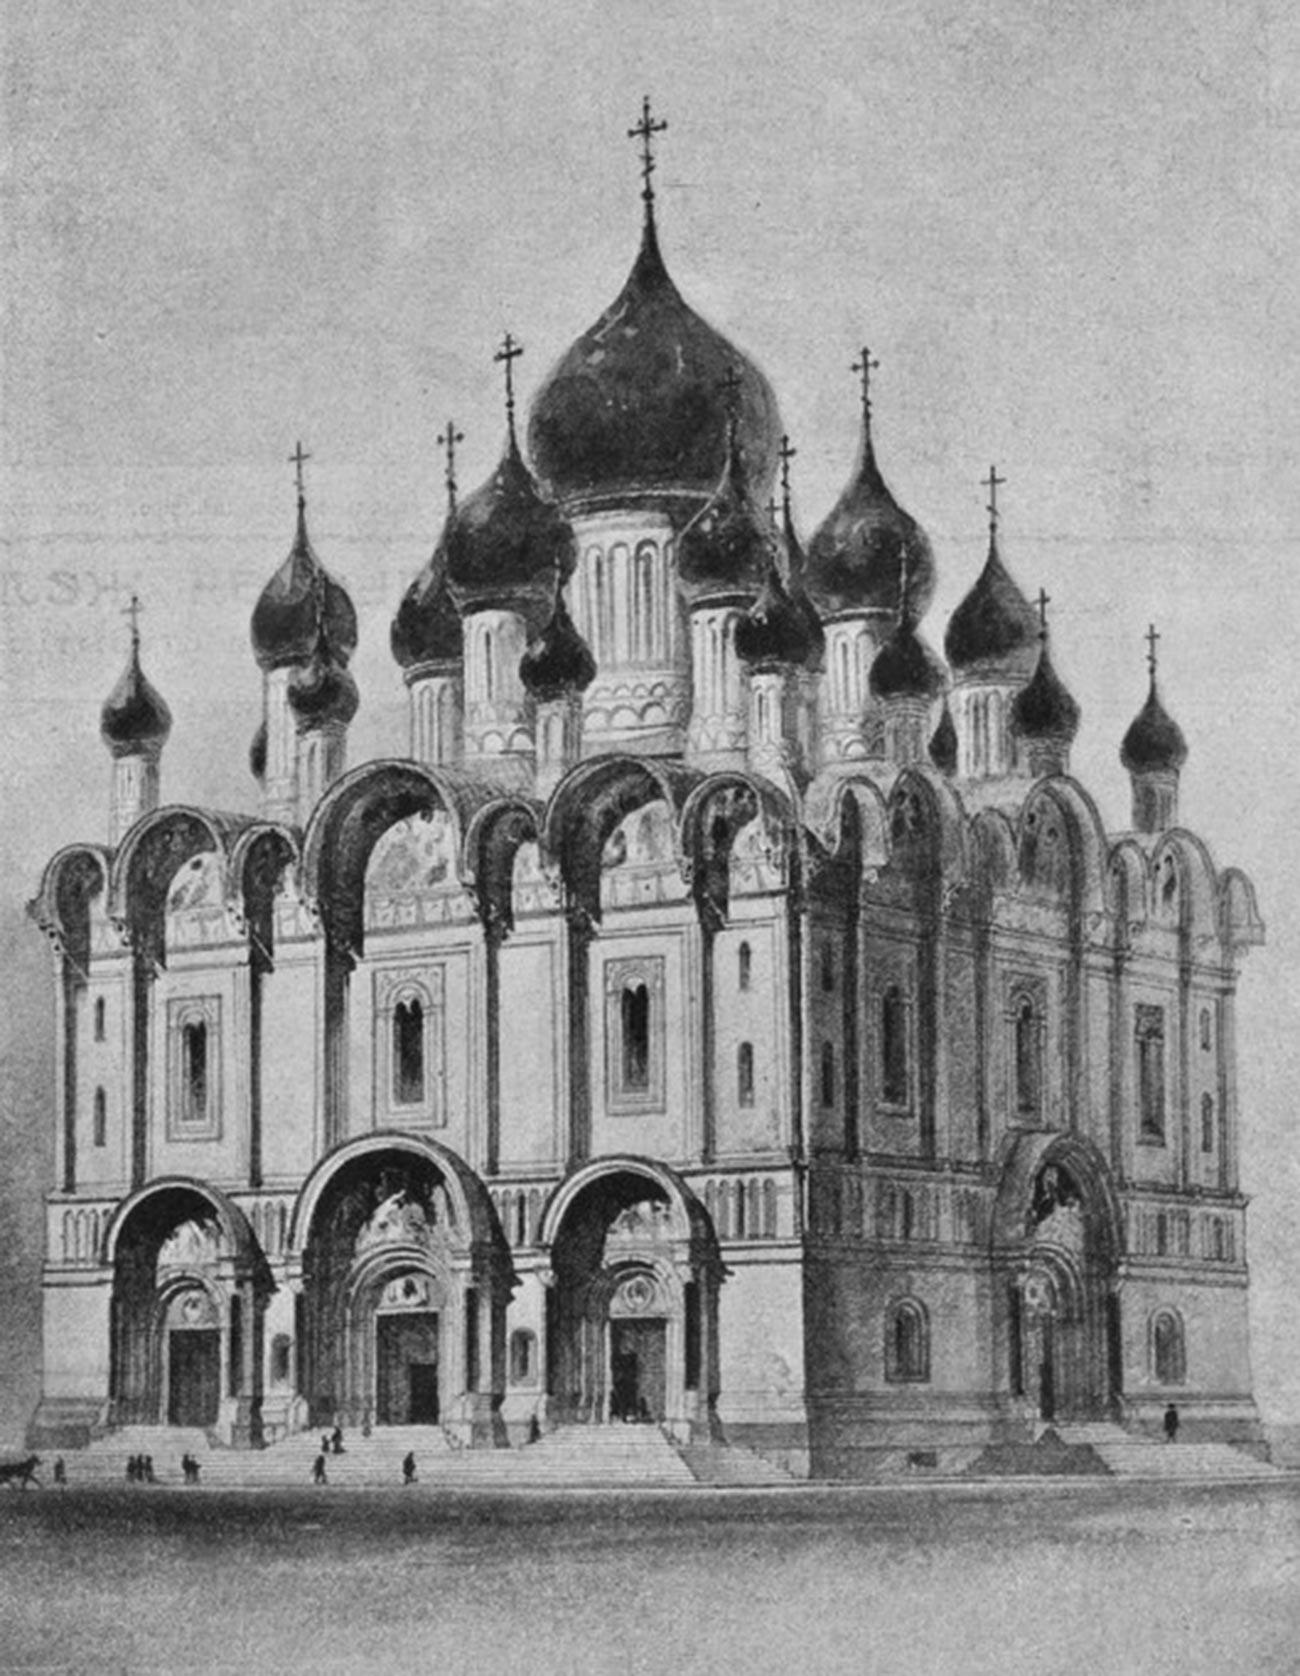 Внешний вид храма. Рисунок по проекту А. Н. Померанцева, 1904